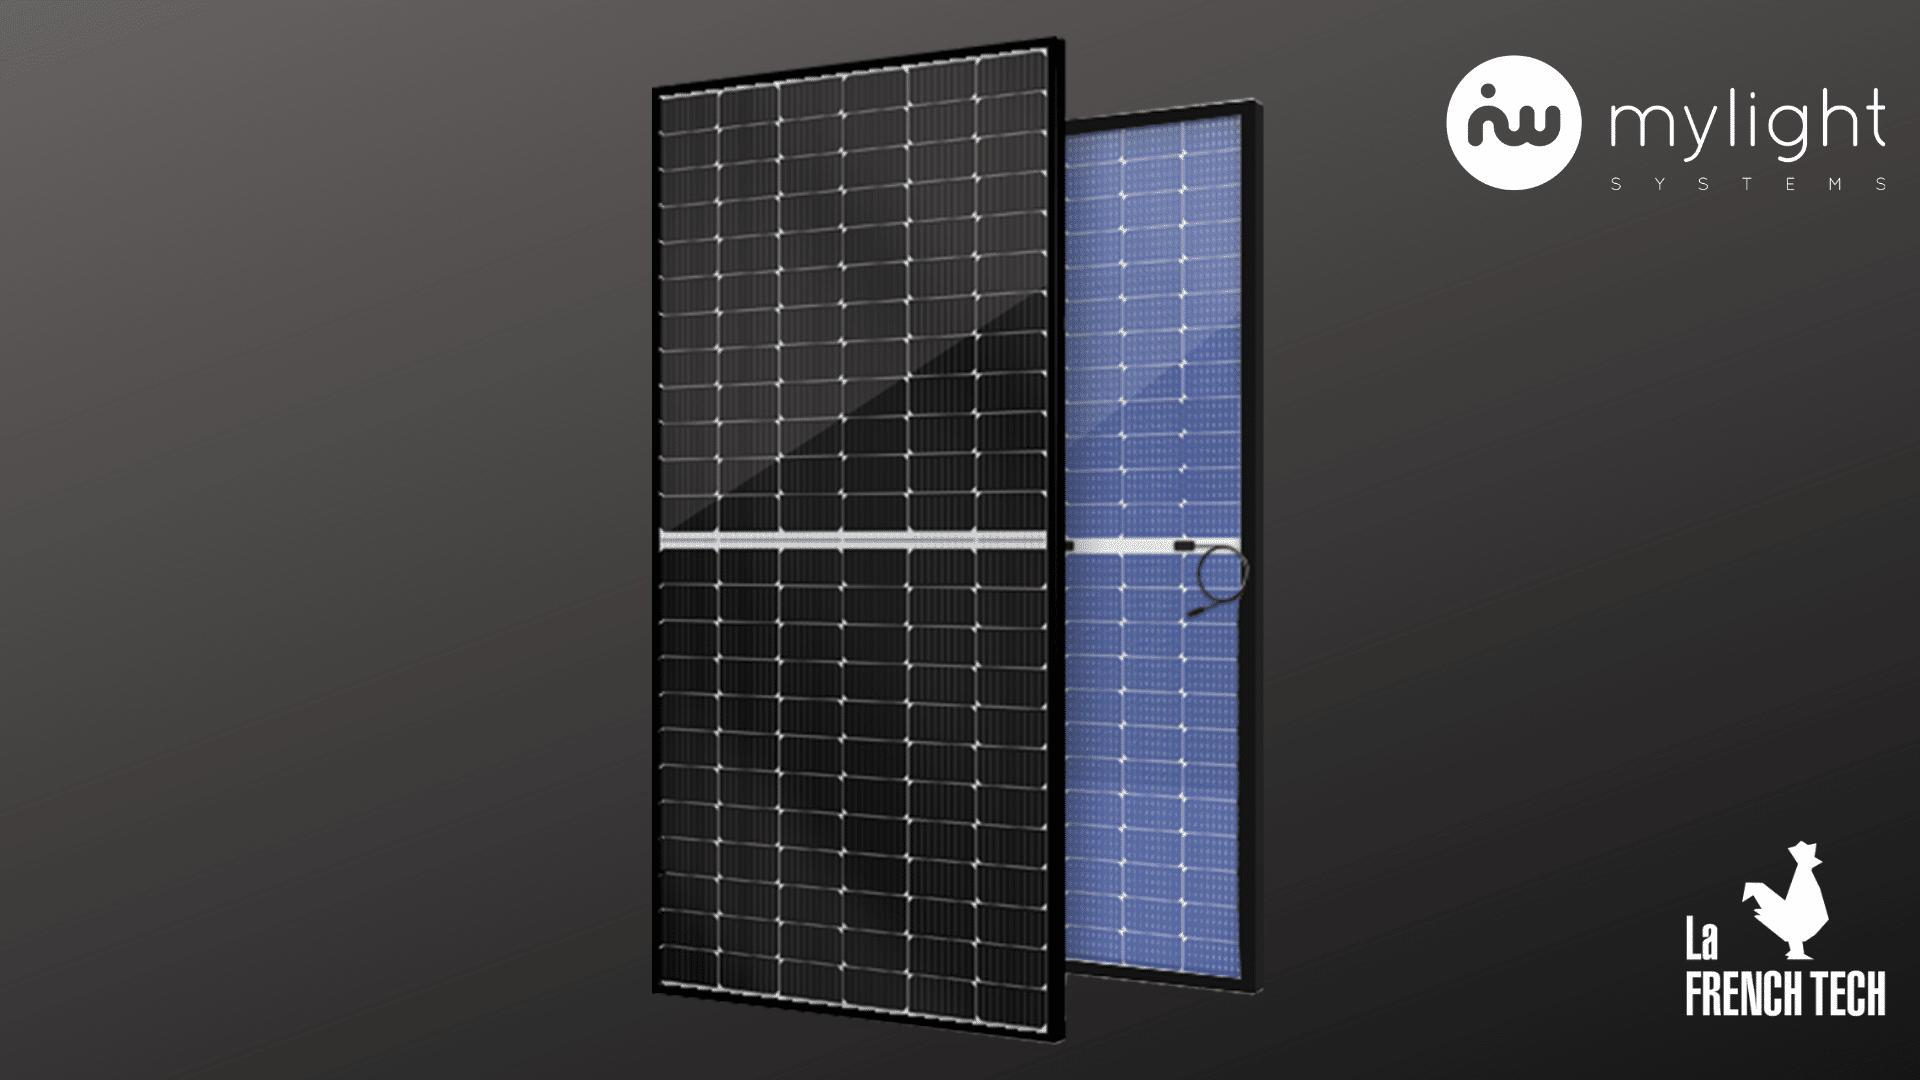 panneau solaire bifacial, mylight systems, énergie renouvelable, garantie 30ans, technologie